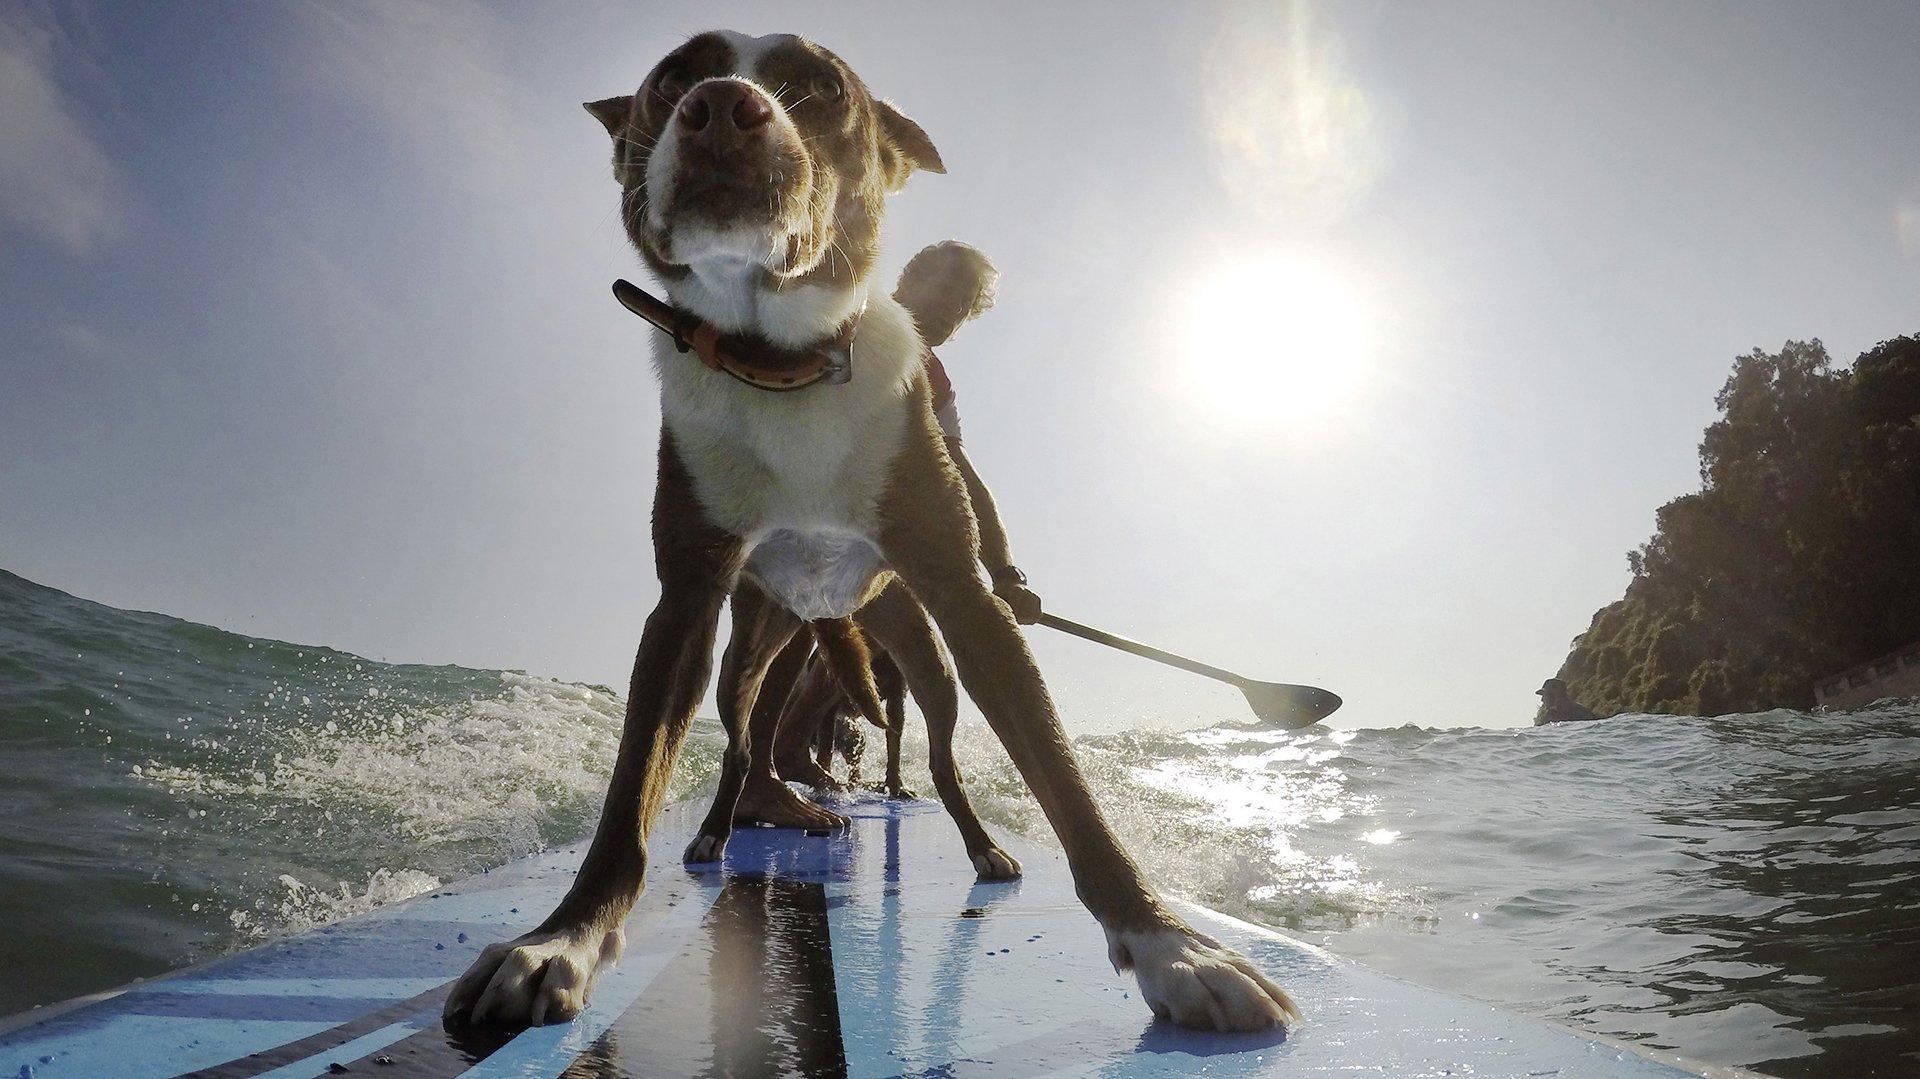 Un entrenador de perros australiano y ex campeón de surf usa esa  disciplina para enseñanzar a los animales a construir relaciones  saludables con el hombre